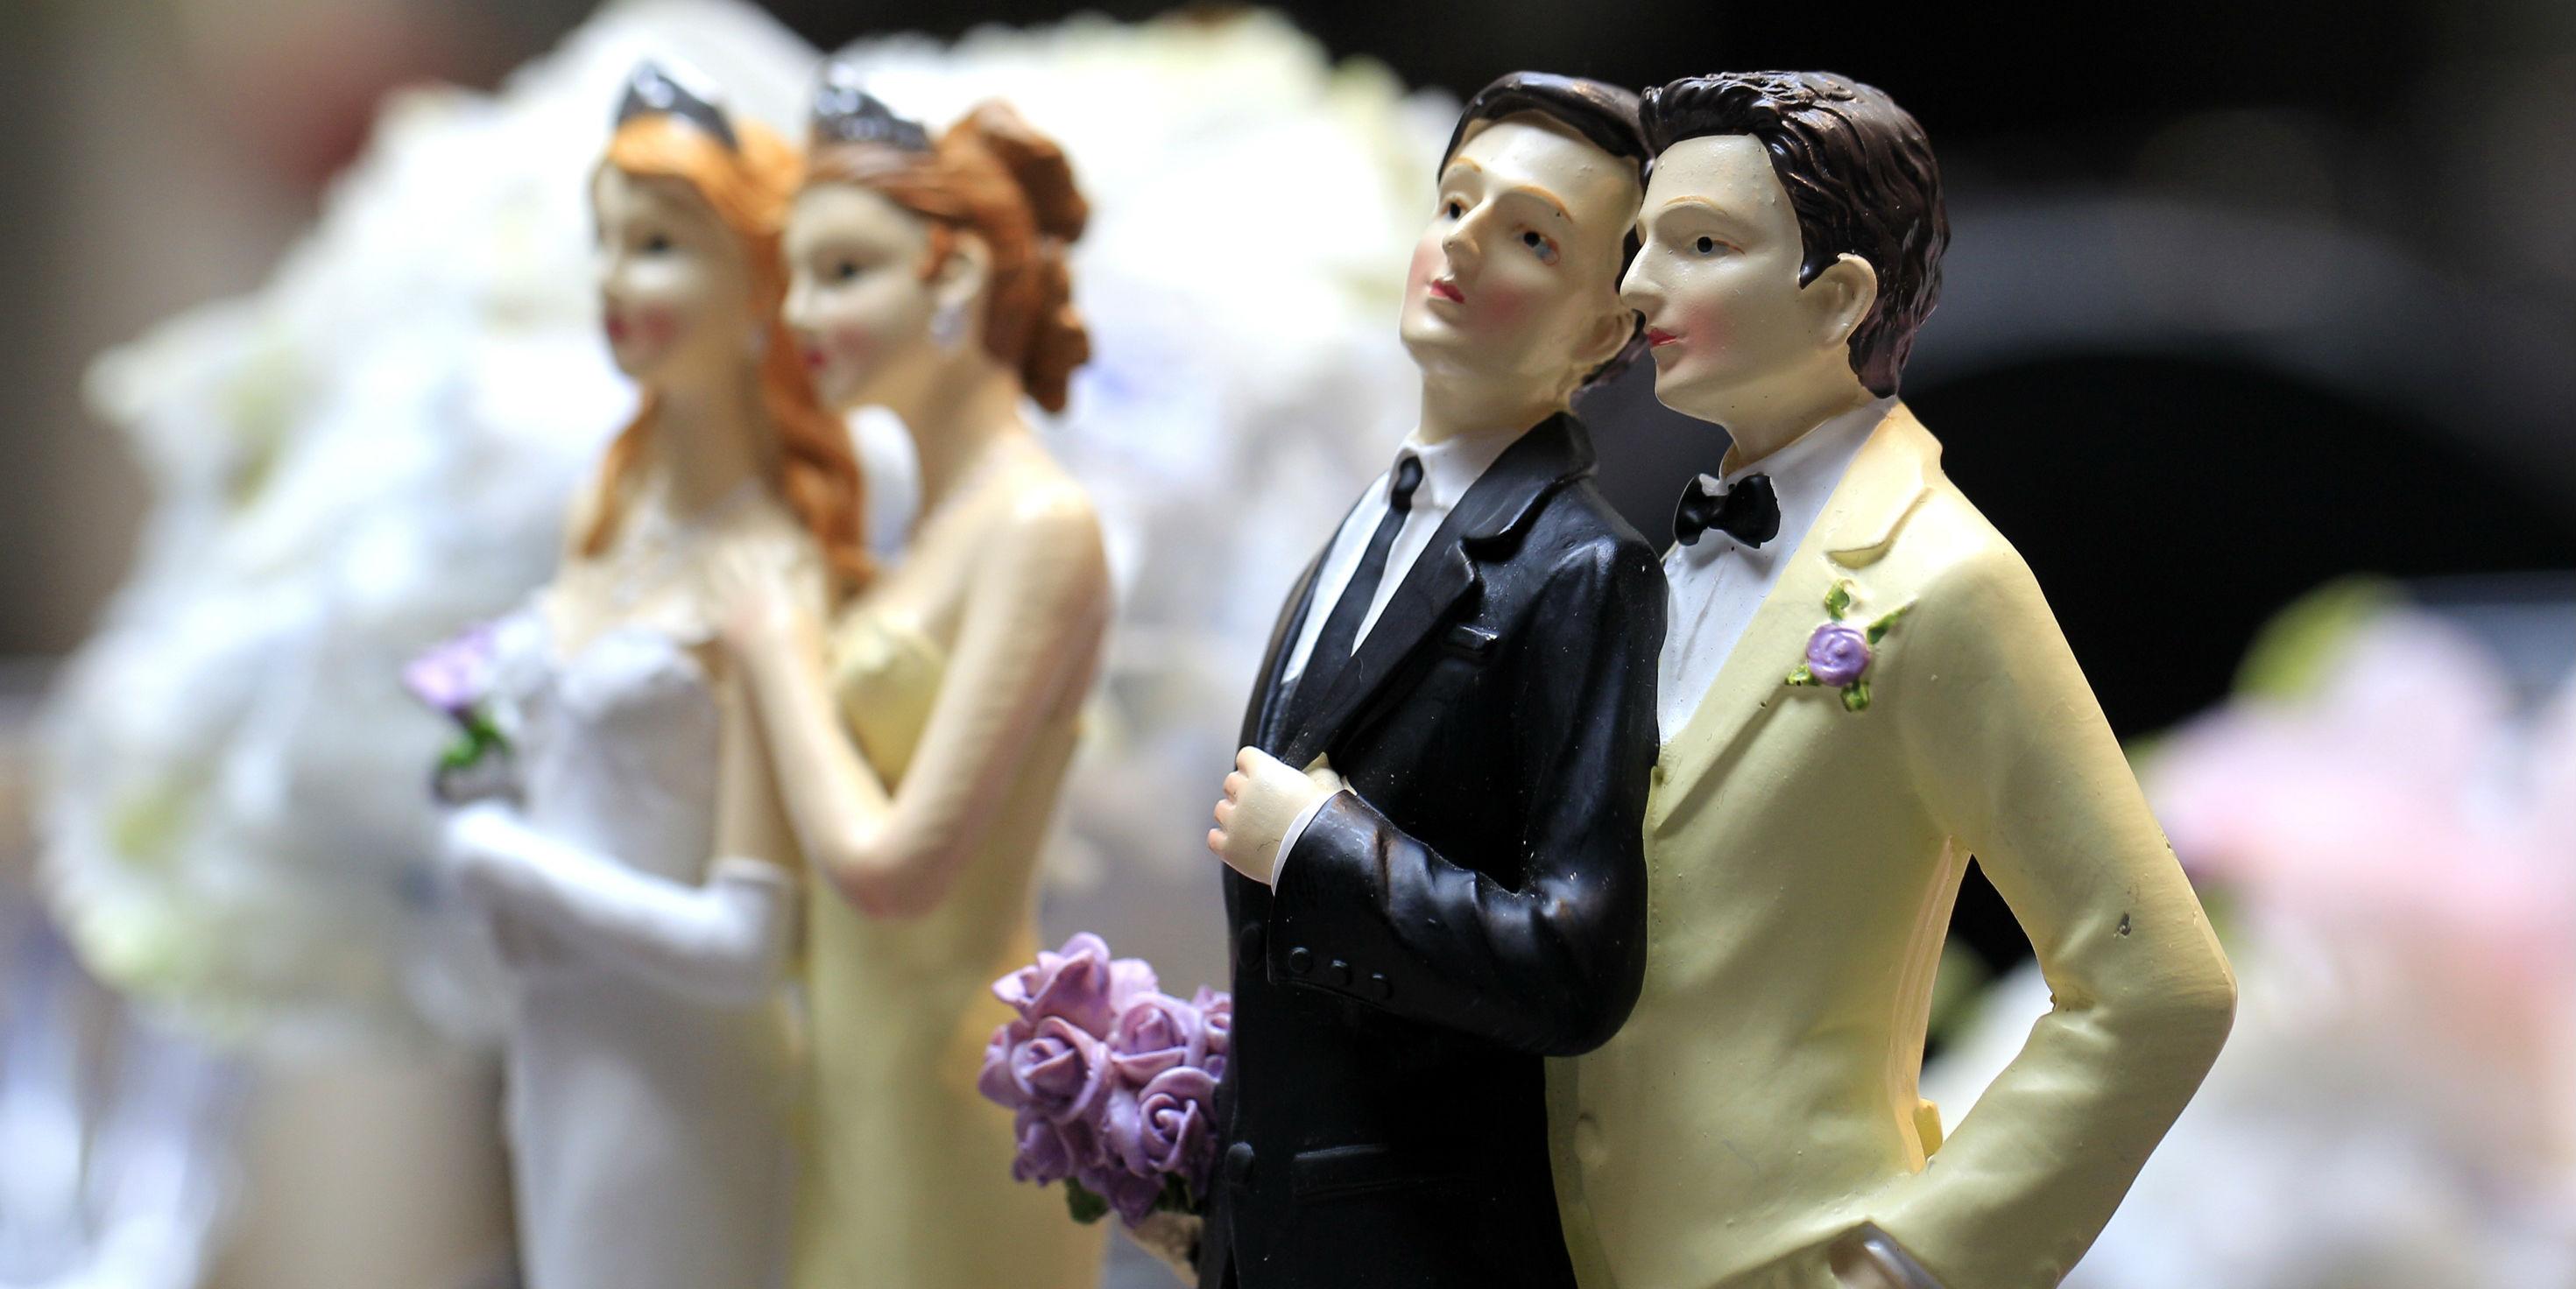 Les bouddhistes et le marriage homosexual marriage